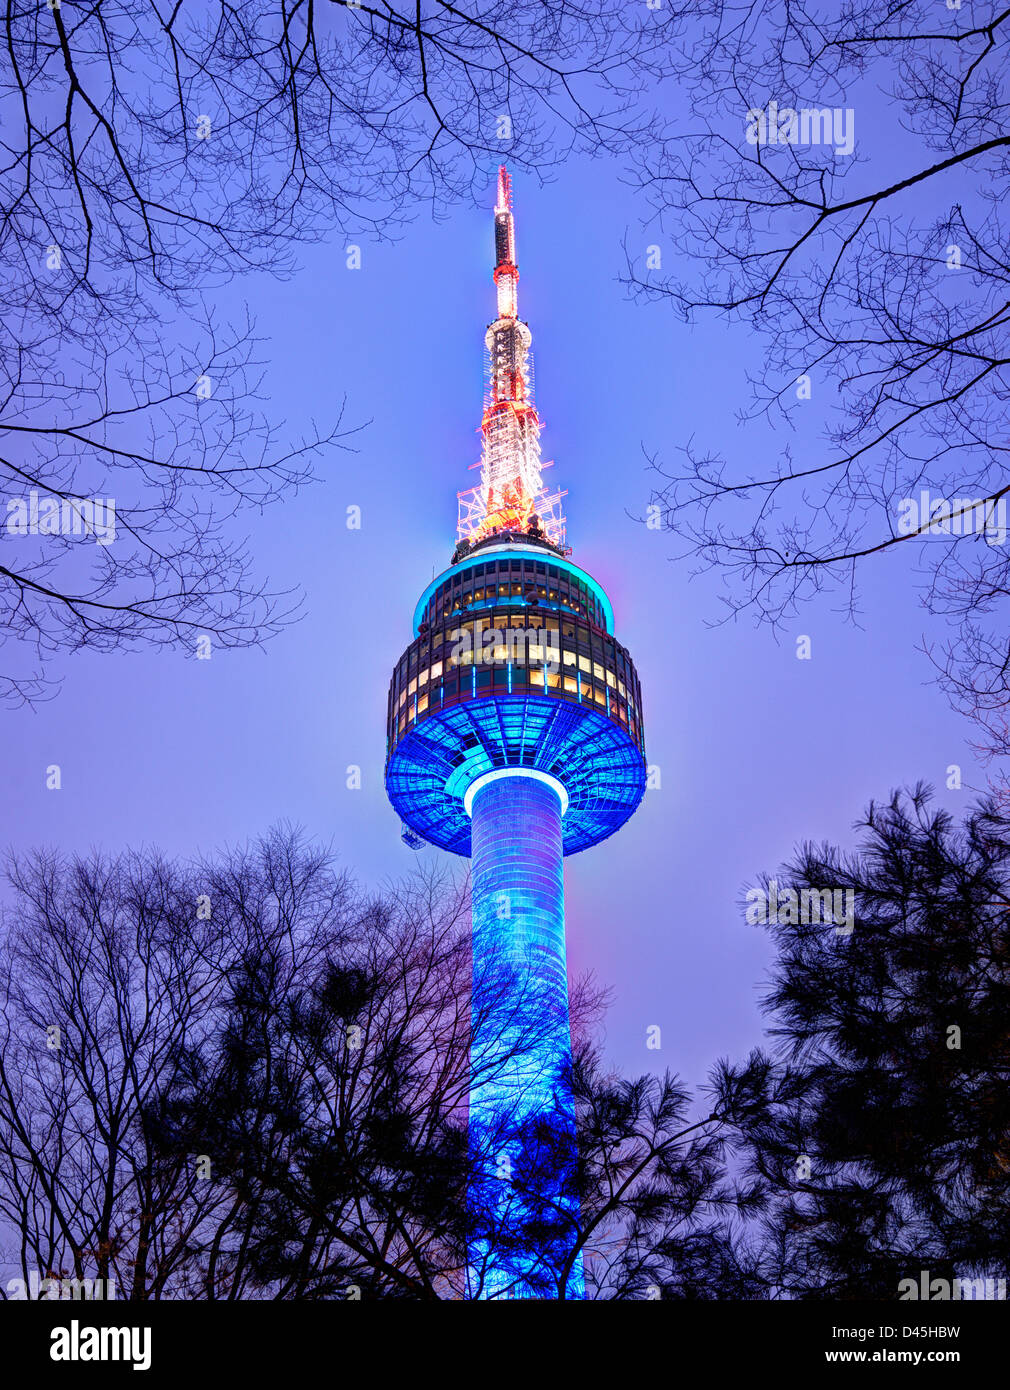 N Seoul Tower 17. Februar 2013 in Seoul, KR. Es markiert den höchsten Punkt in Seoul. Stockbild